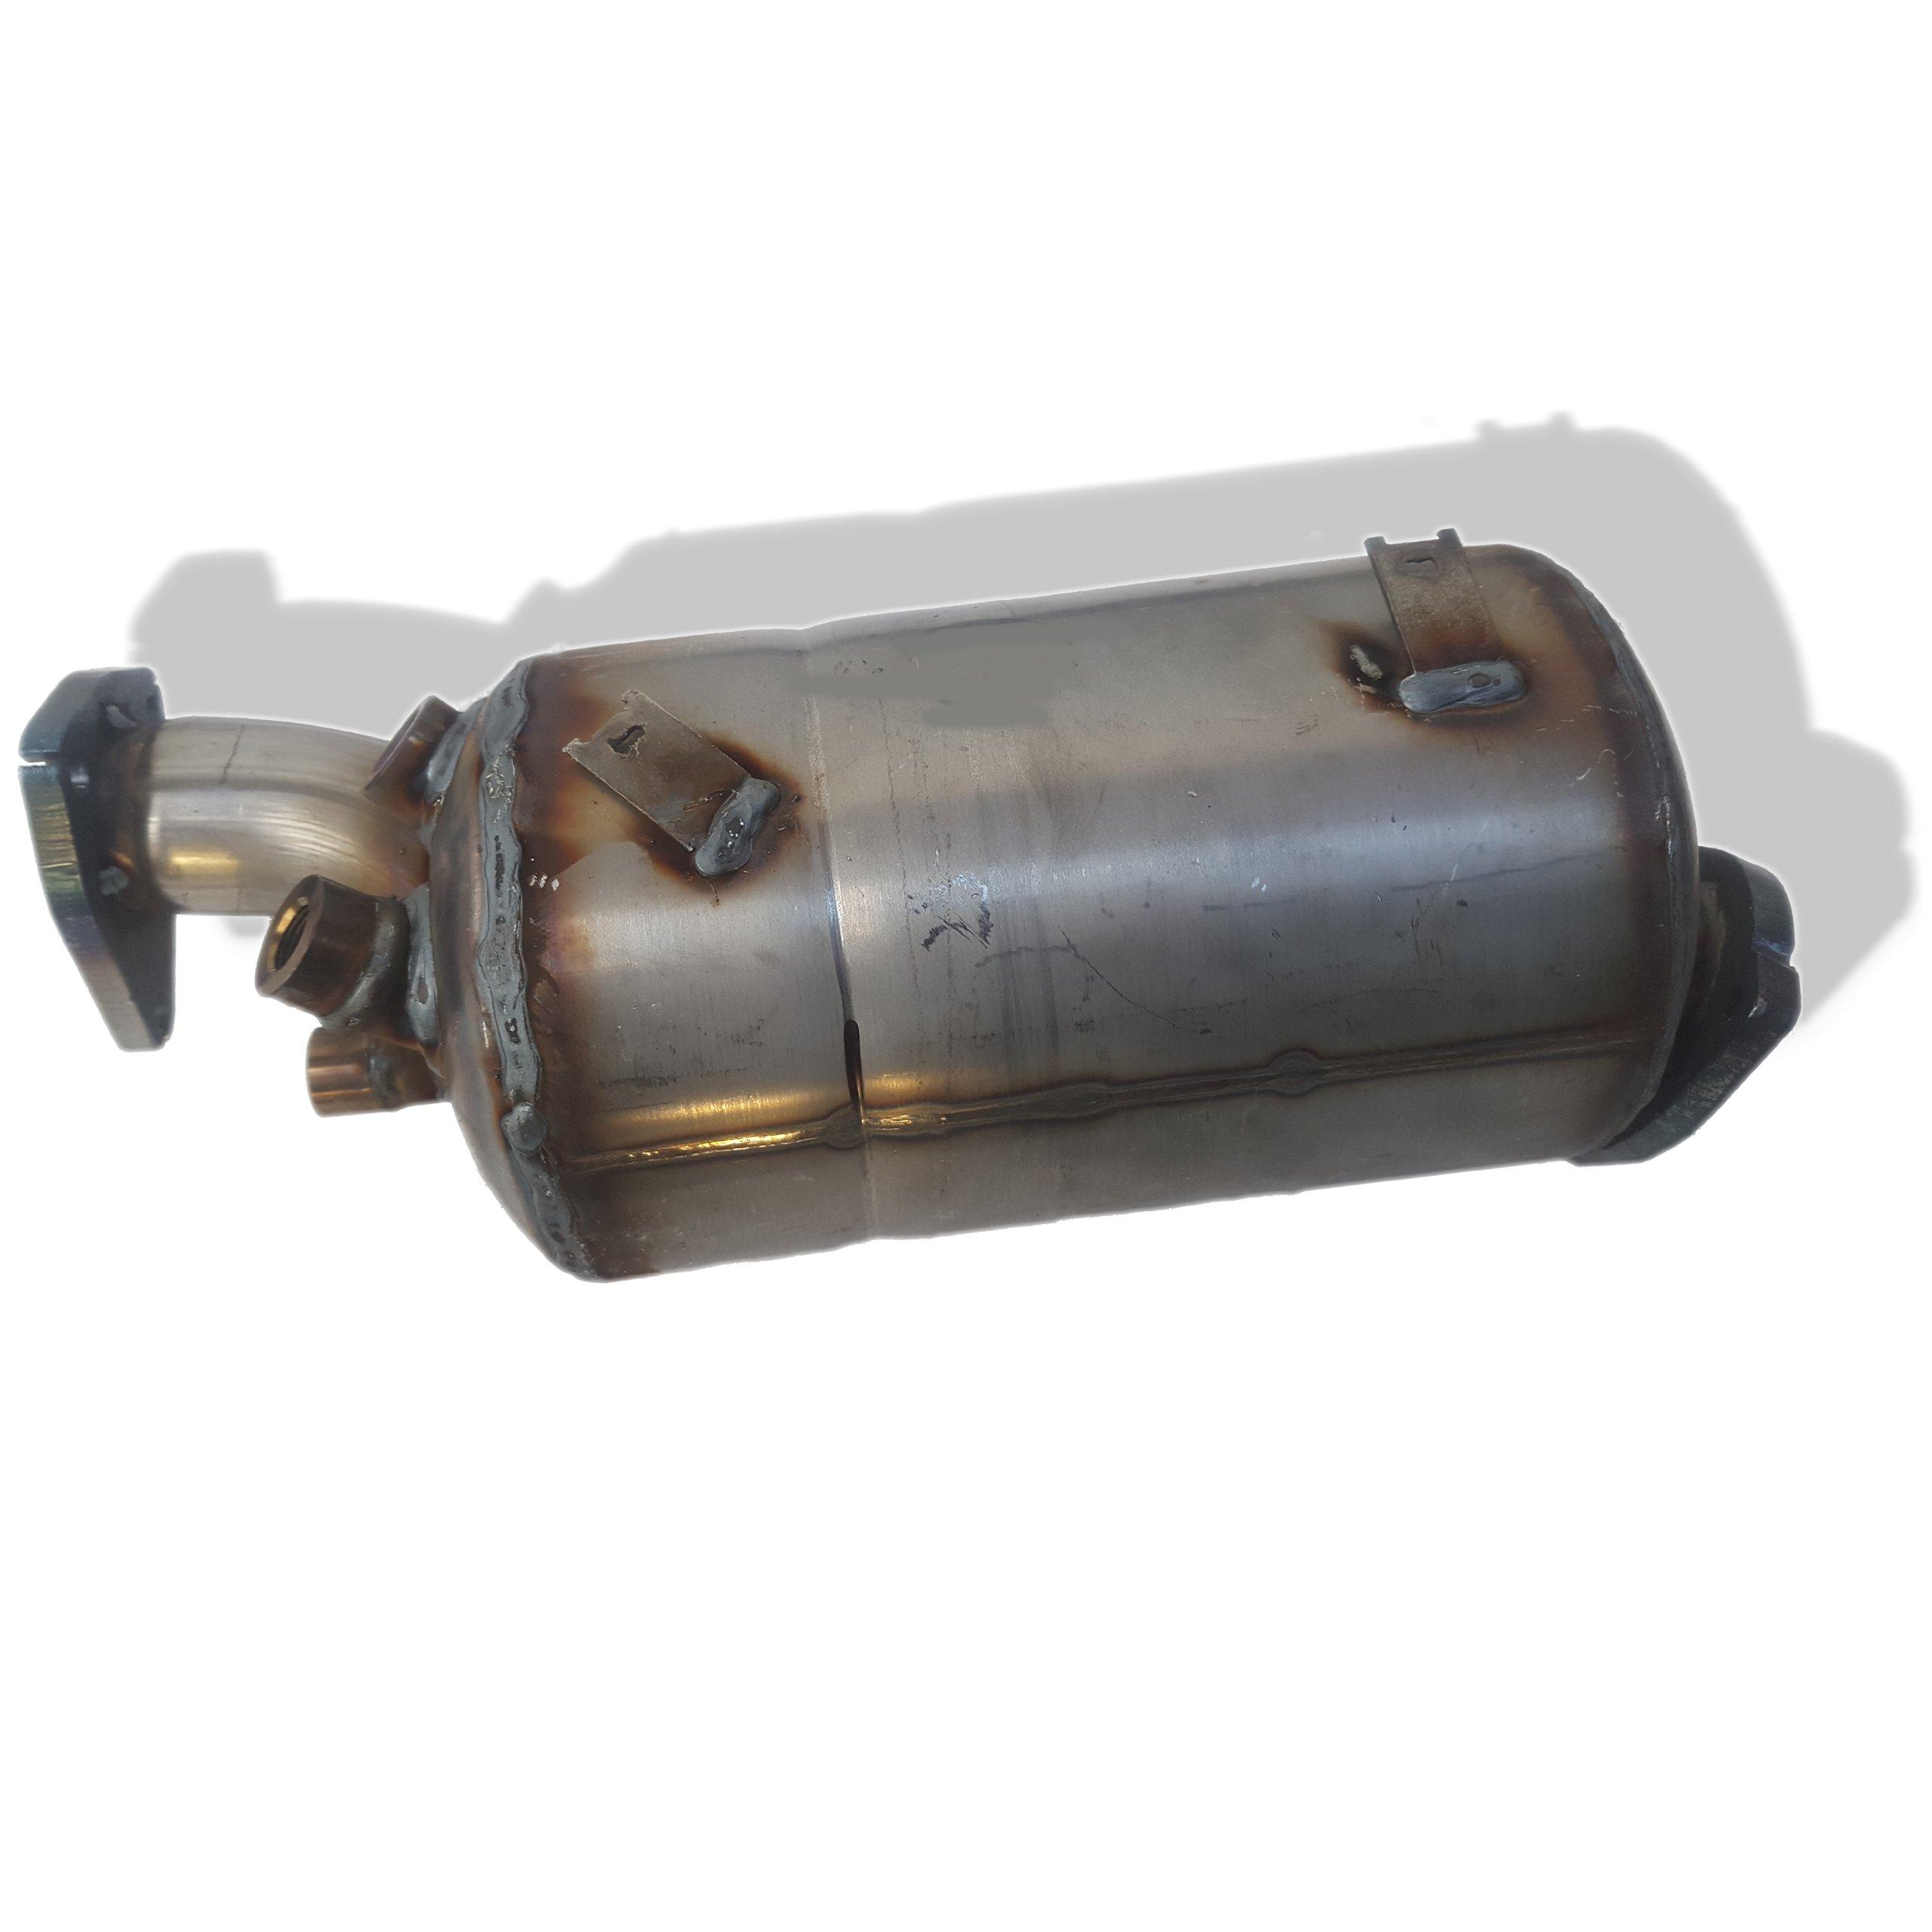 катализатор фильтр fap dpf audi a6 c6 20tdi bre